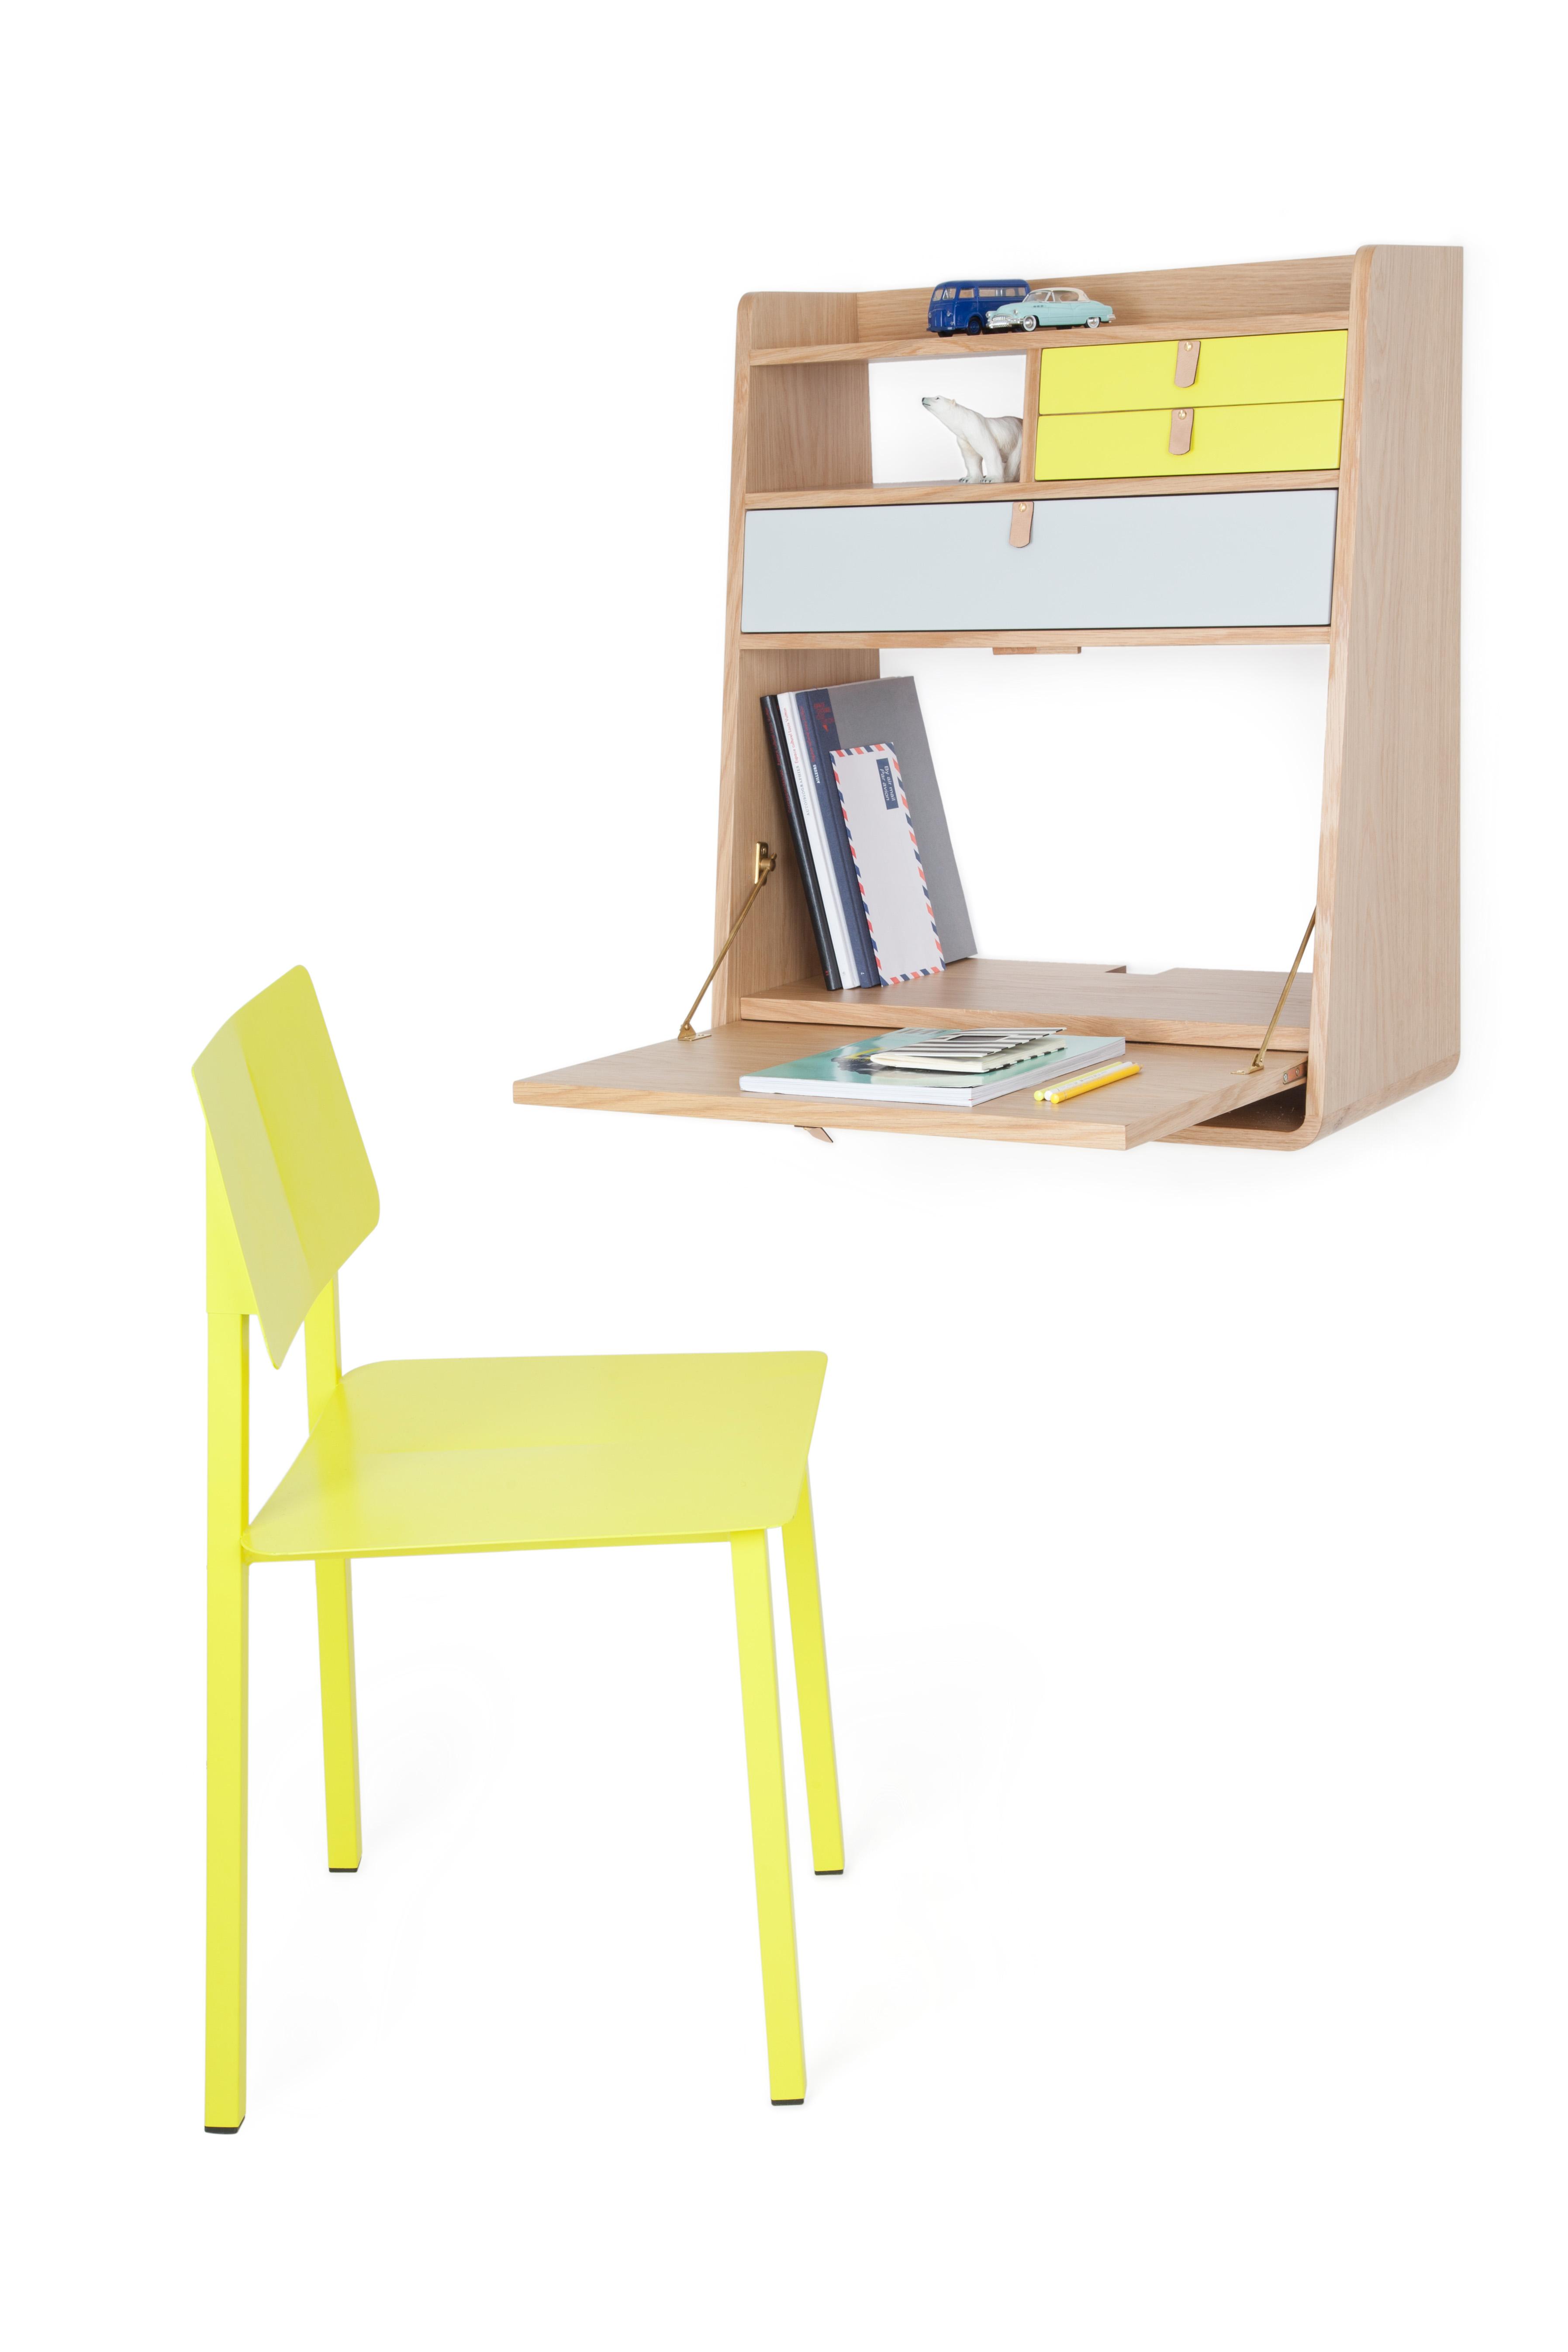 How To Make A Small Secretary Desk